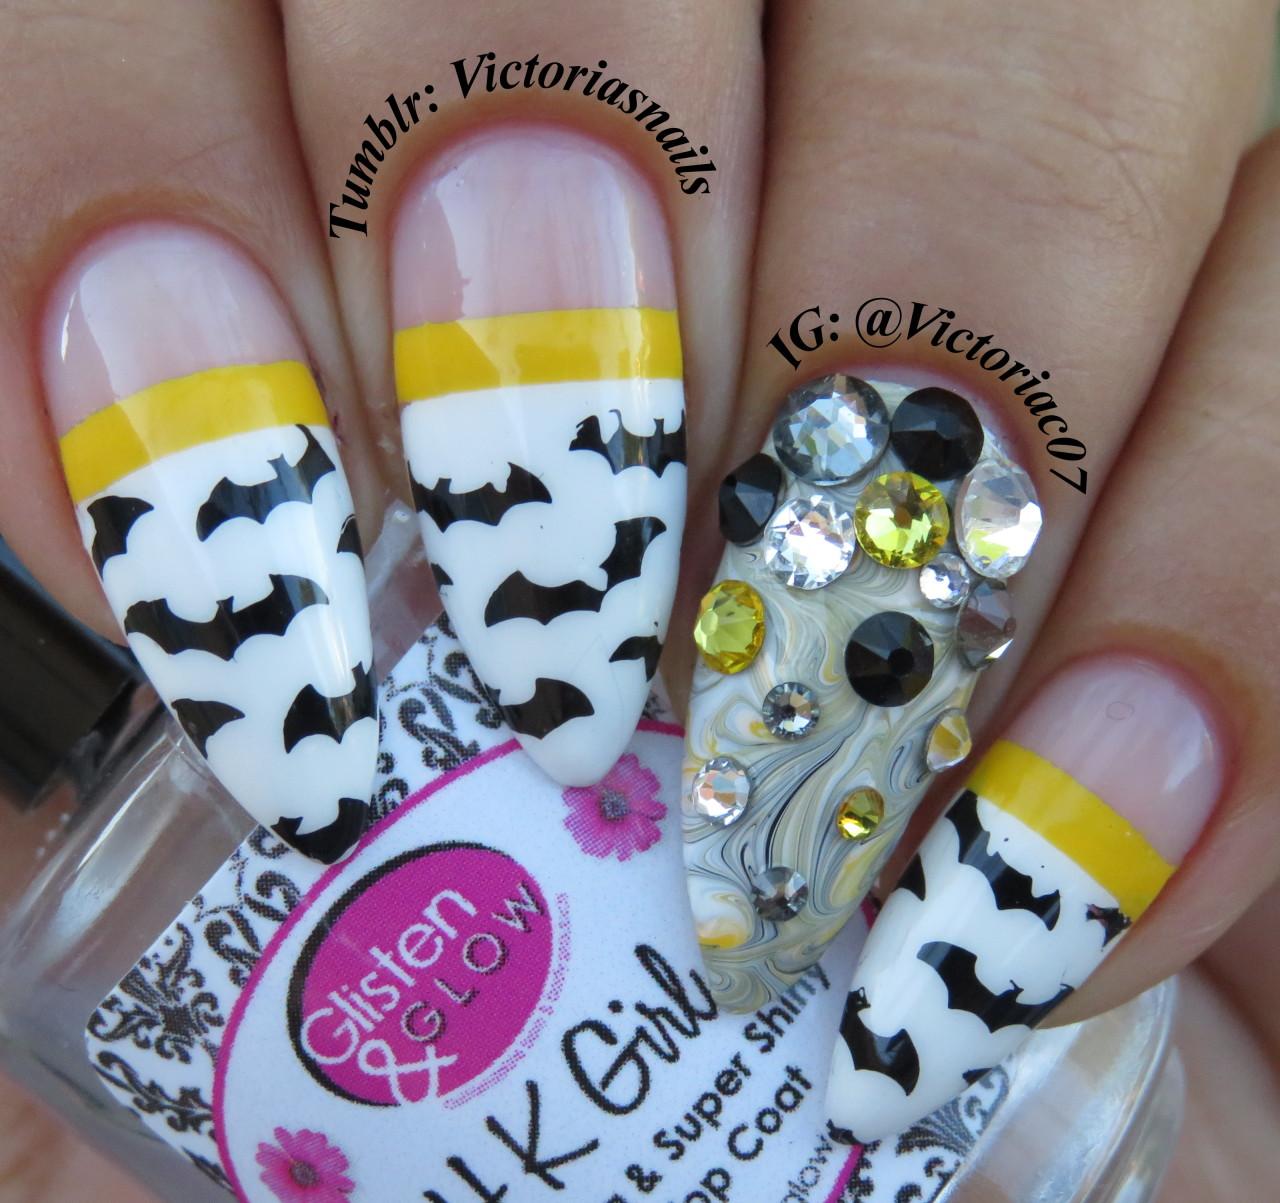 Encantador Mala Uñas Hang Imagen - Ideas de Diseño de Arte de Uñas ...